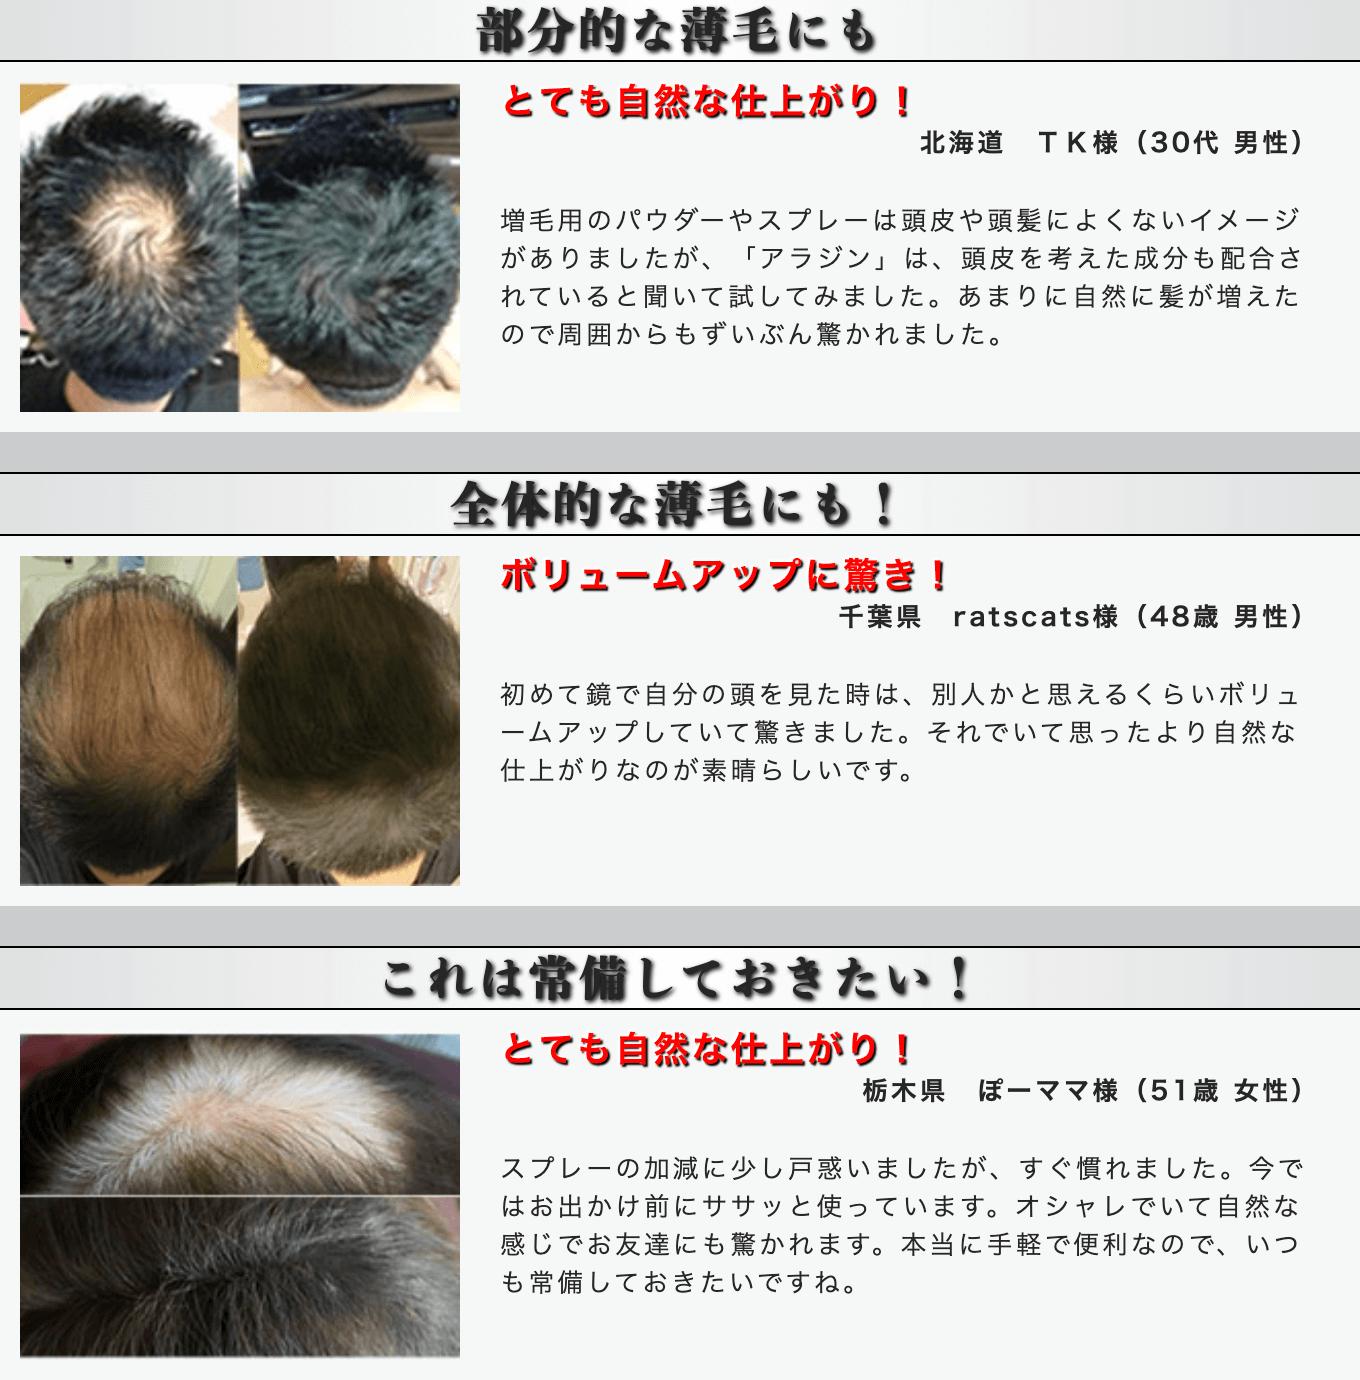 増毛スプレーのイメージ